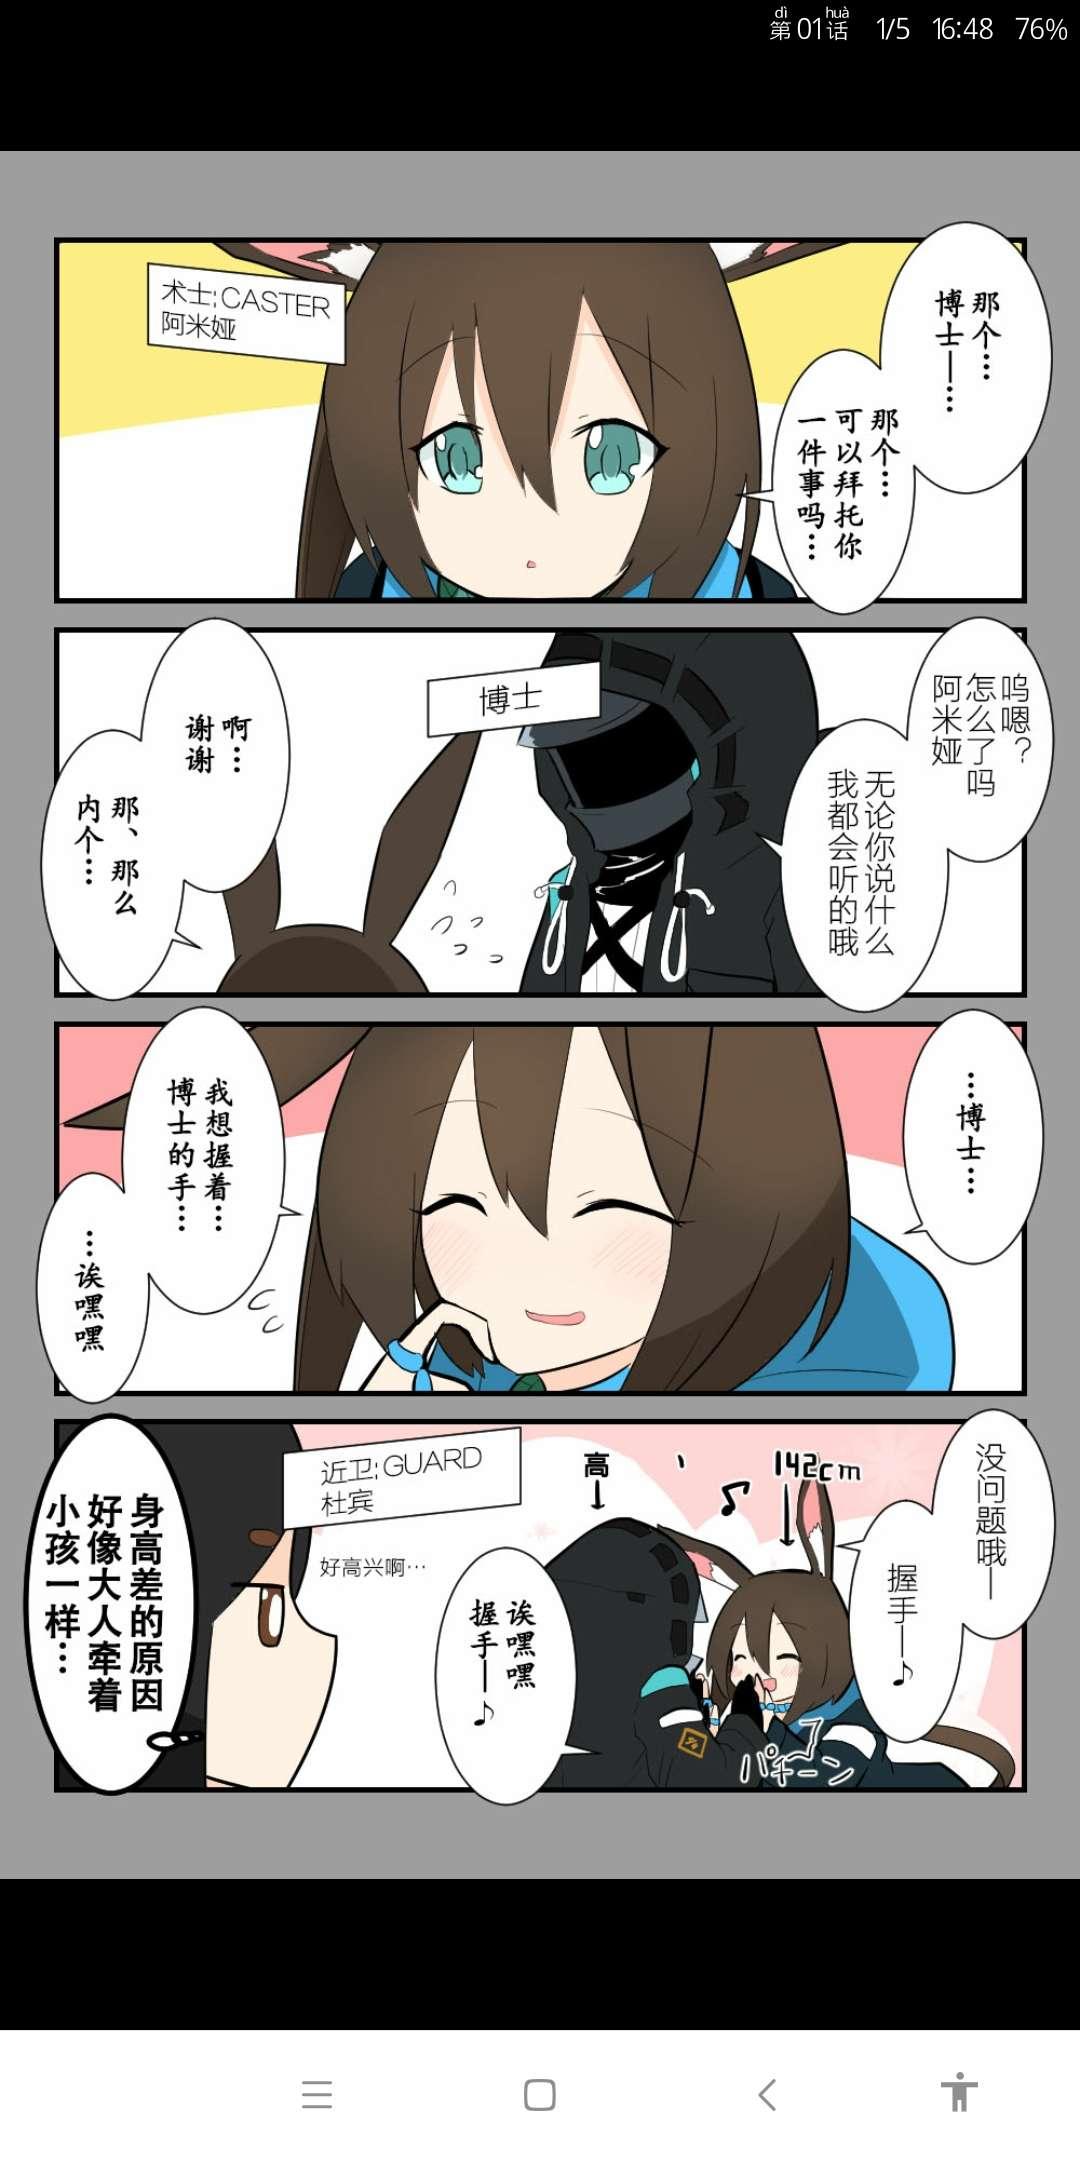 【漫画】罗德岛四格,守望先锋女角色掐奶-小柚妹站